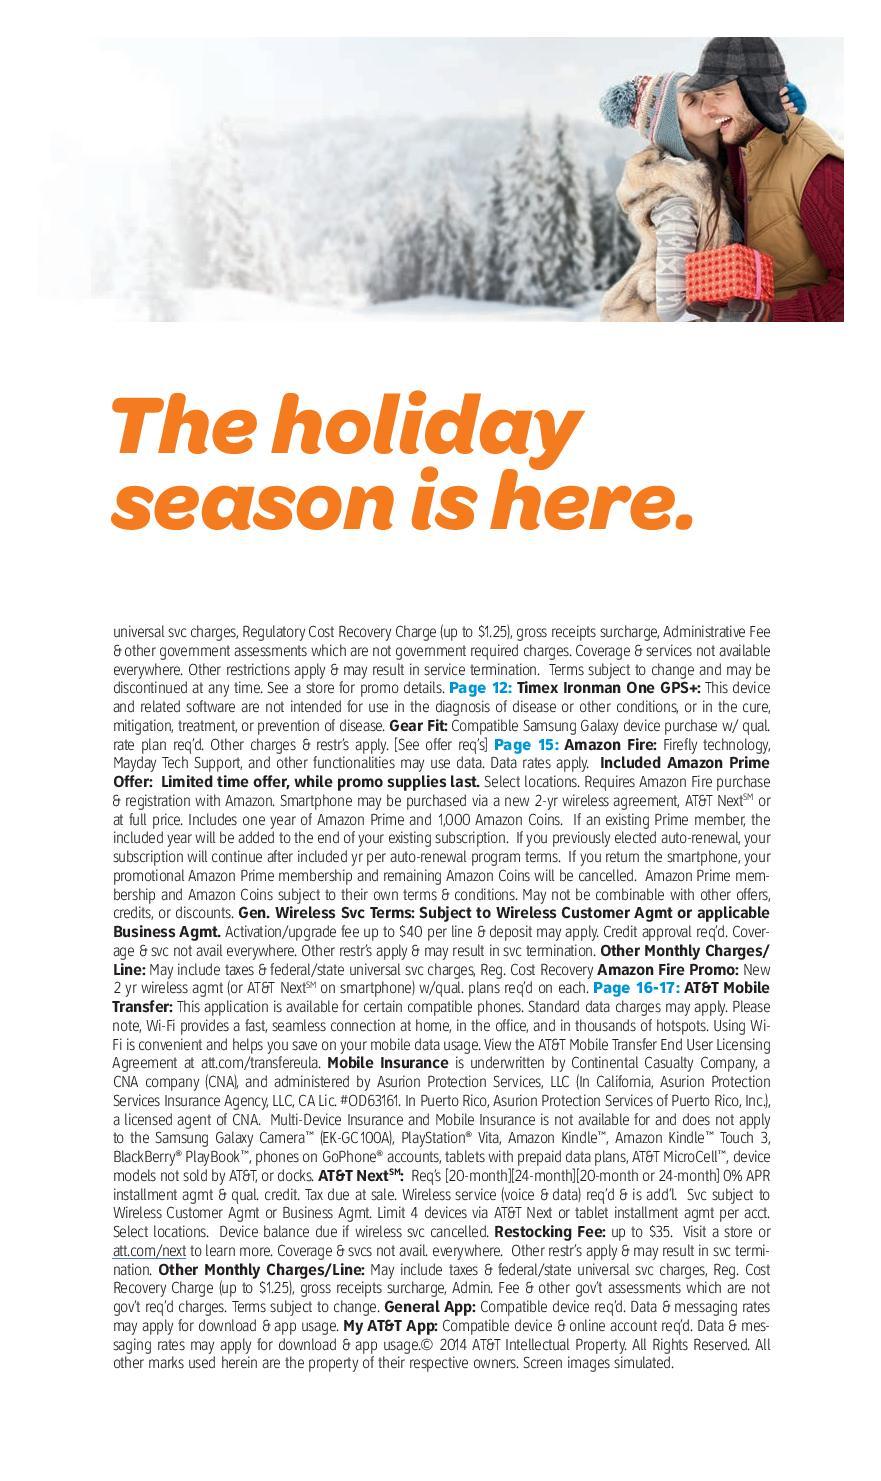 ATT_Gift_Guide_2014_Circular_reduced_12.4.14-page-011.jpg